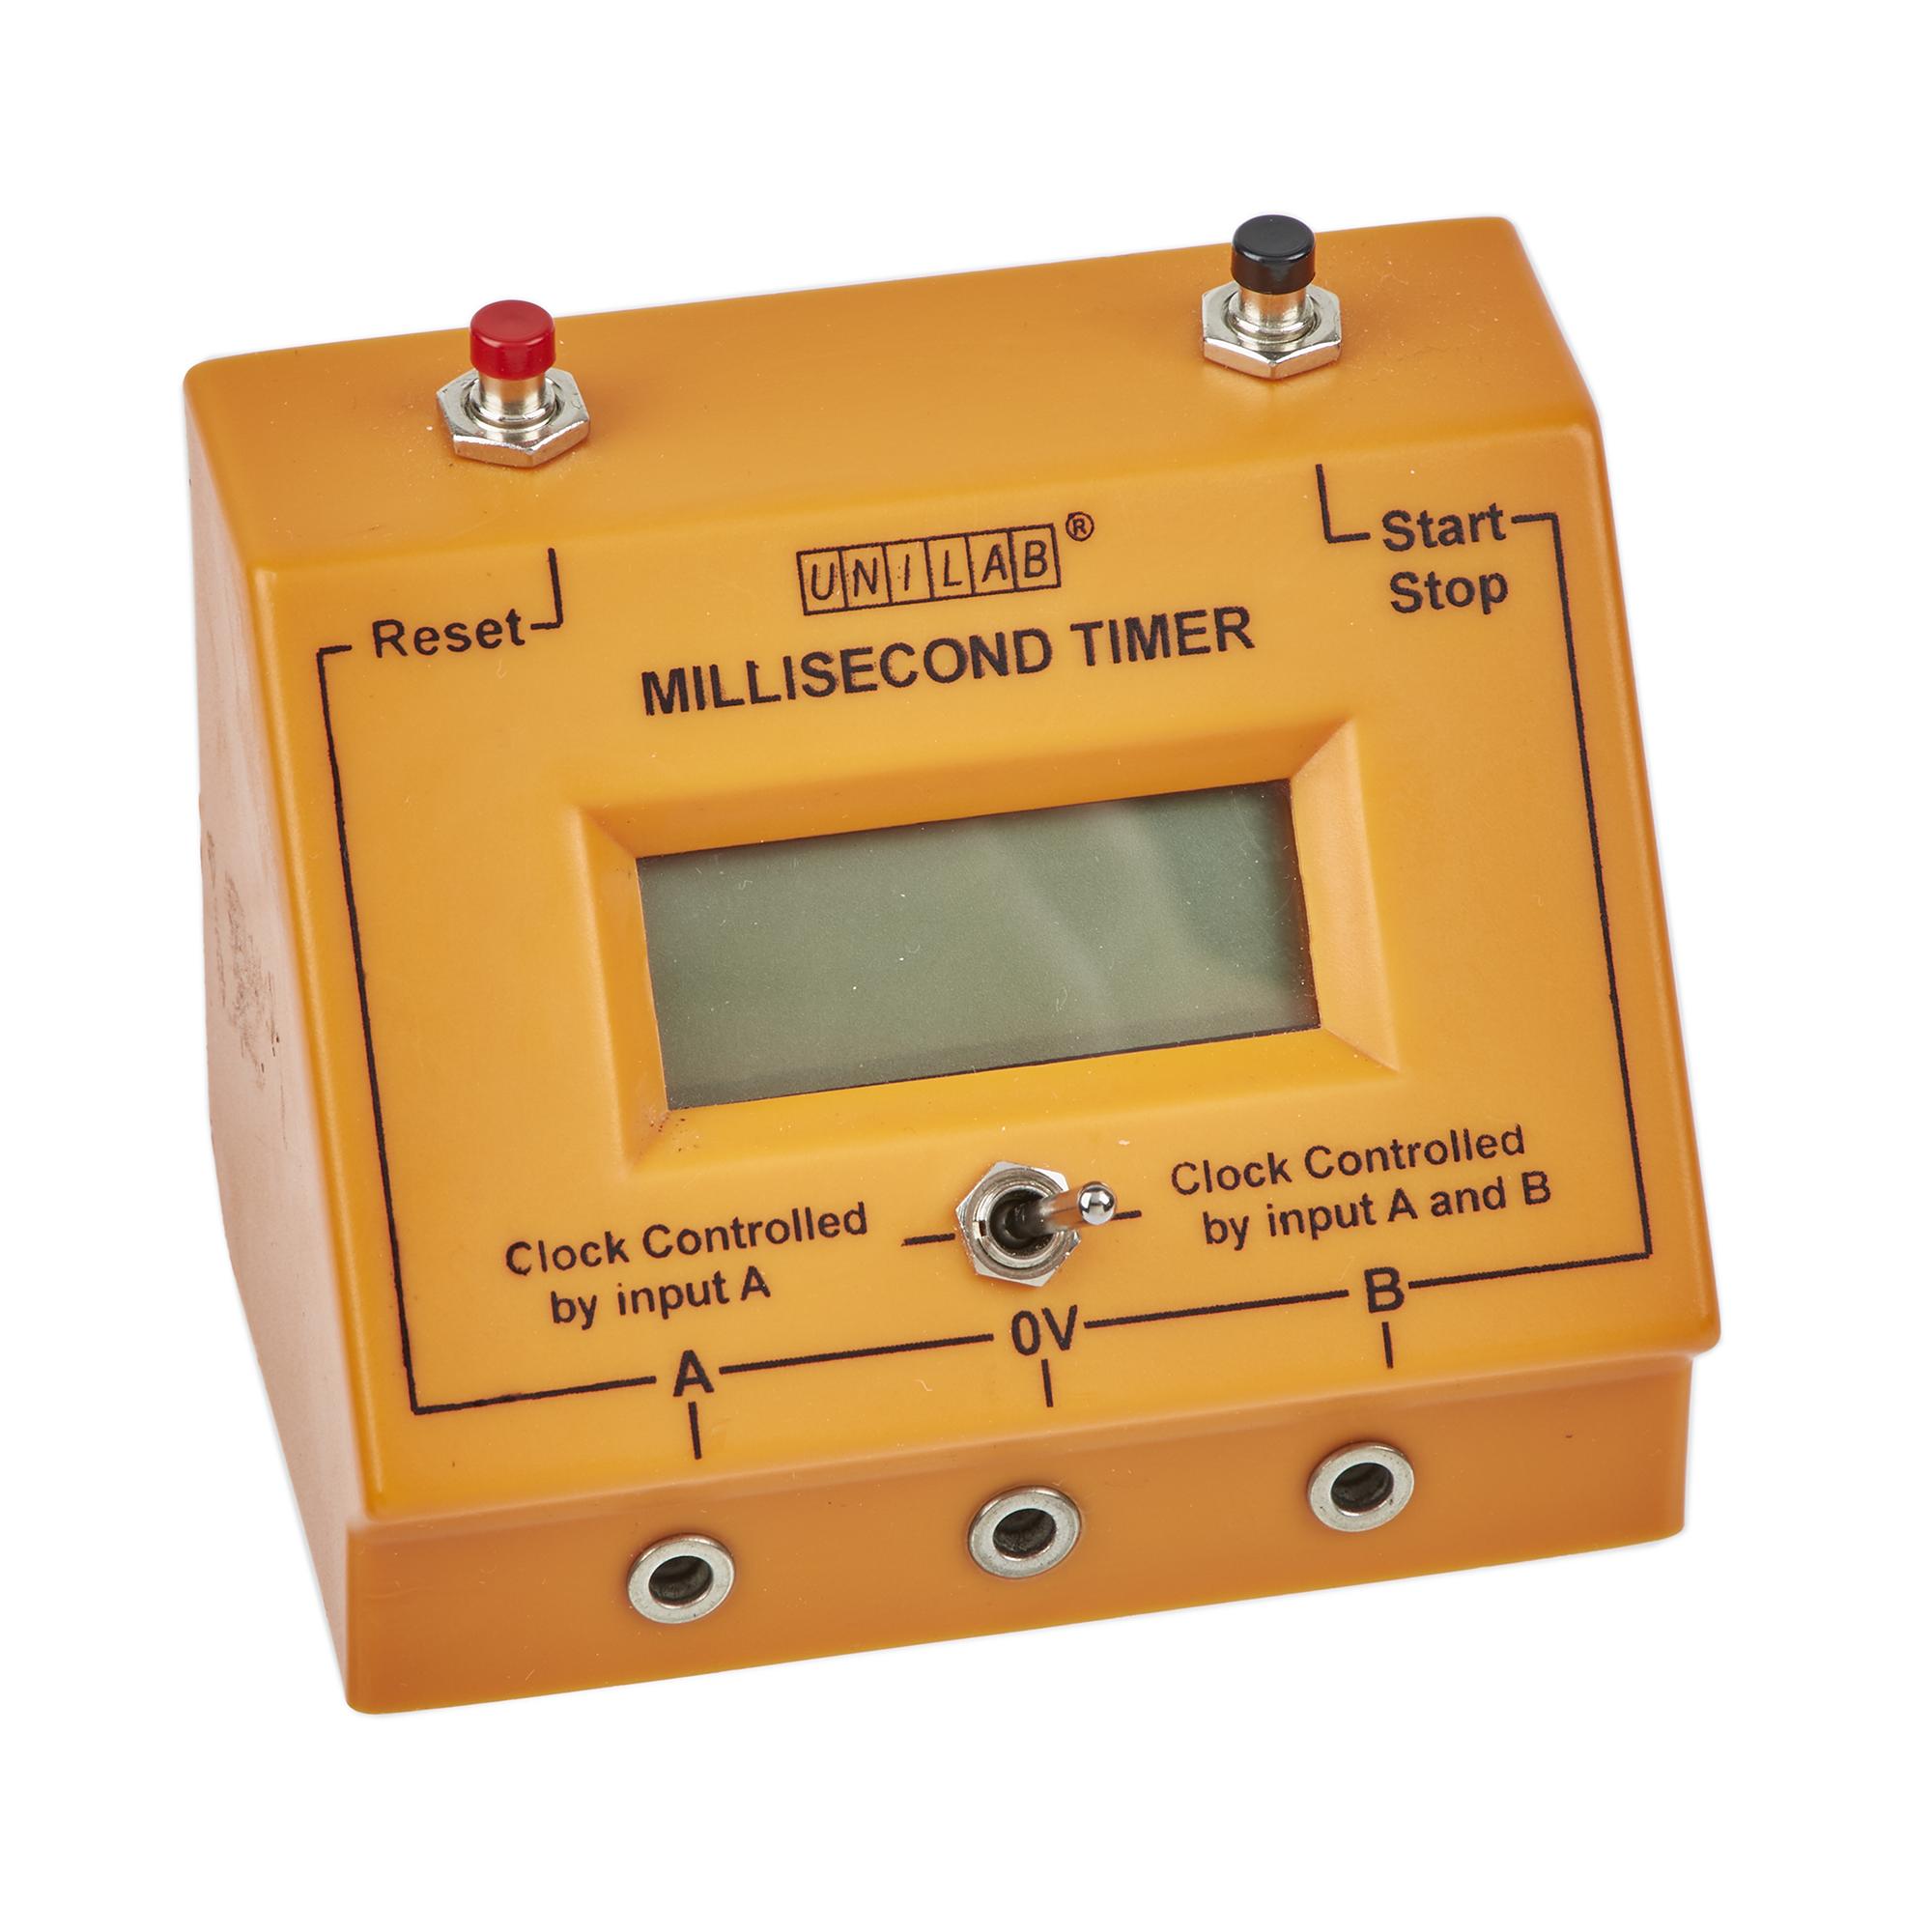 Unilab Millisecond Timer